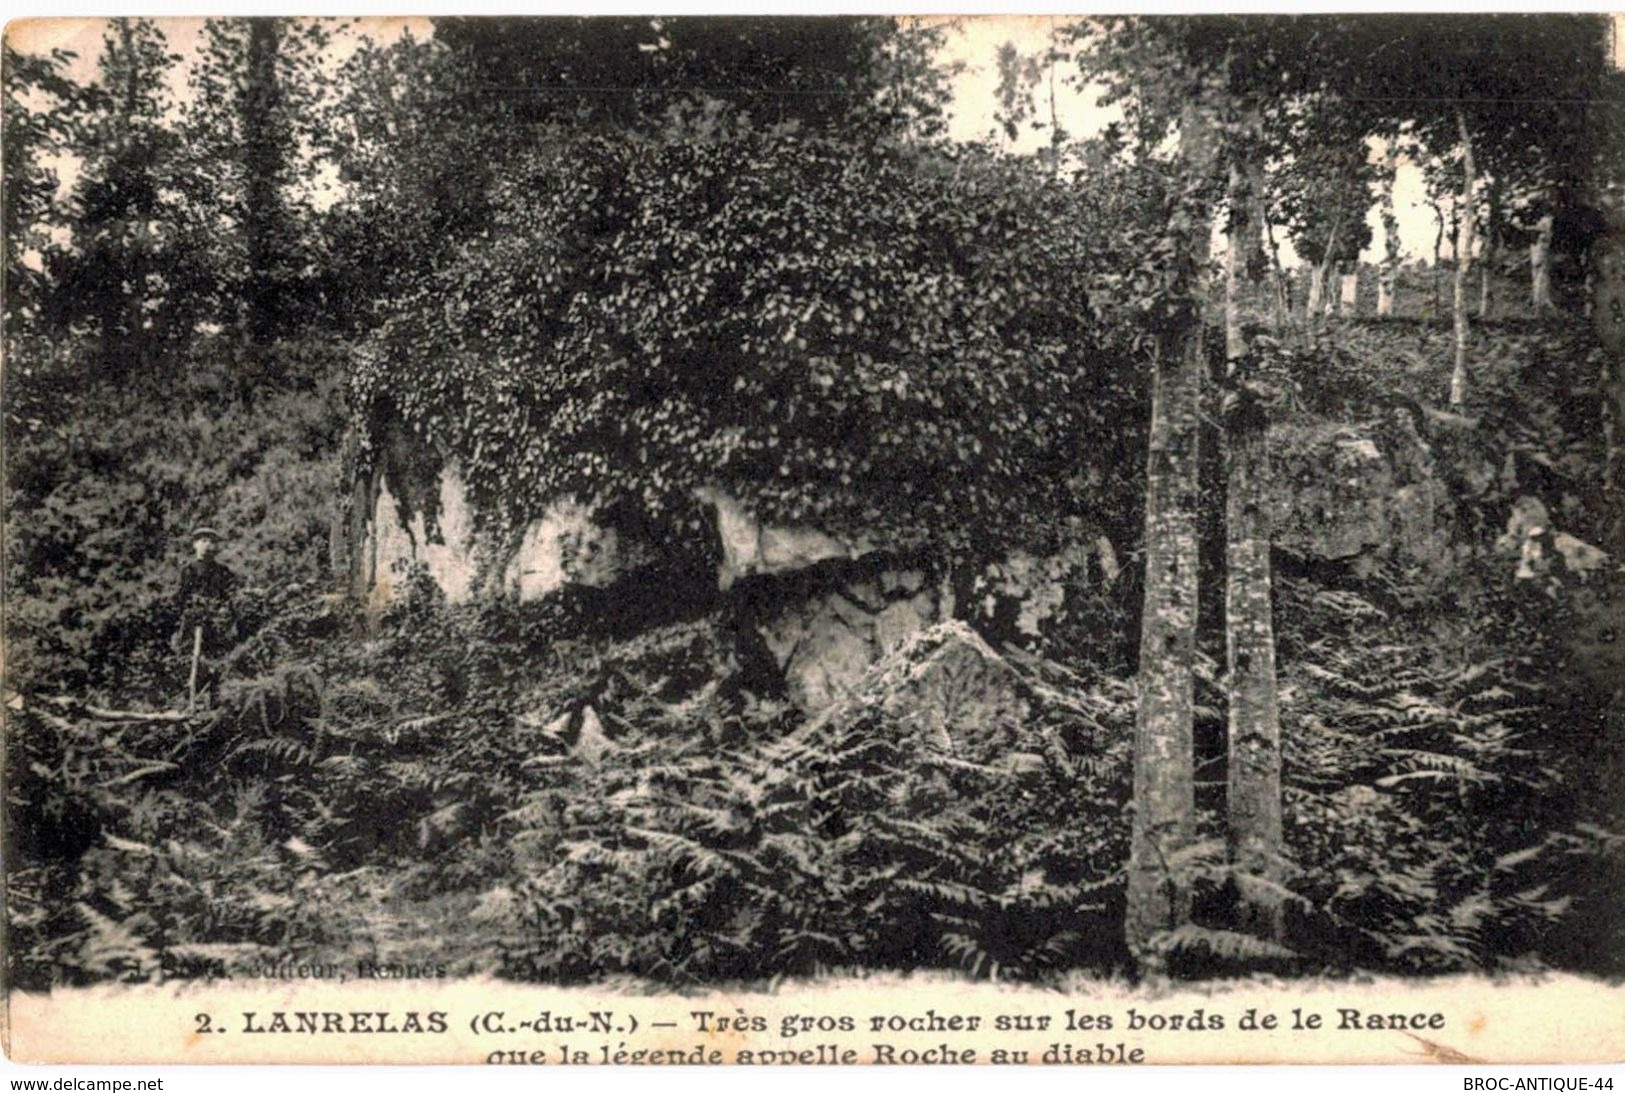 CPA N°3827 - LANRELAS - TRES GROS ROCHER SUR LES BORDS DE LA RANCE QUE LA LEGENDE APPELLE ROCHE AU DIABLE - Frankreich